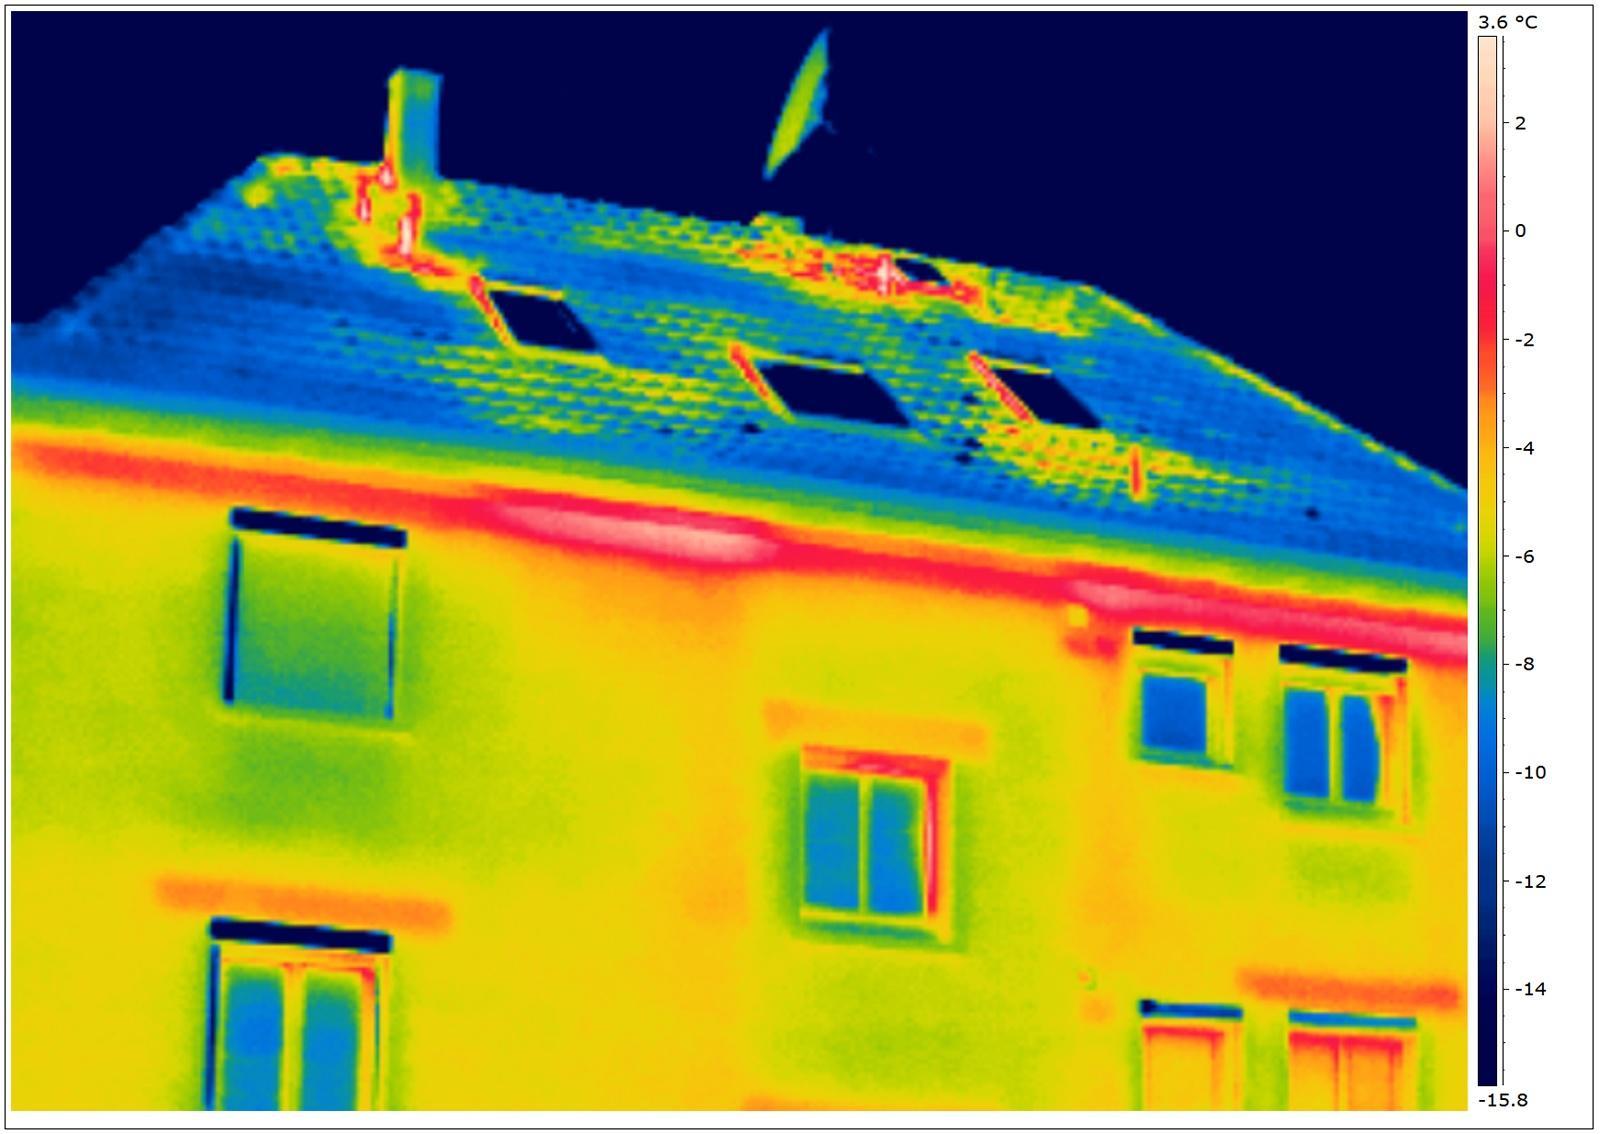 Energieeinsparungen durch Verbesserungen des Wärmeschutzes, insbesondere an Altbauten